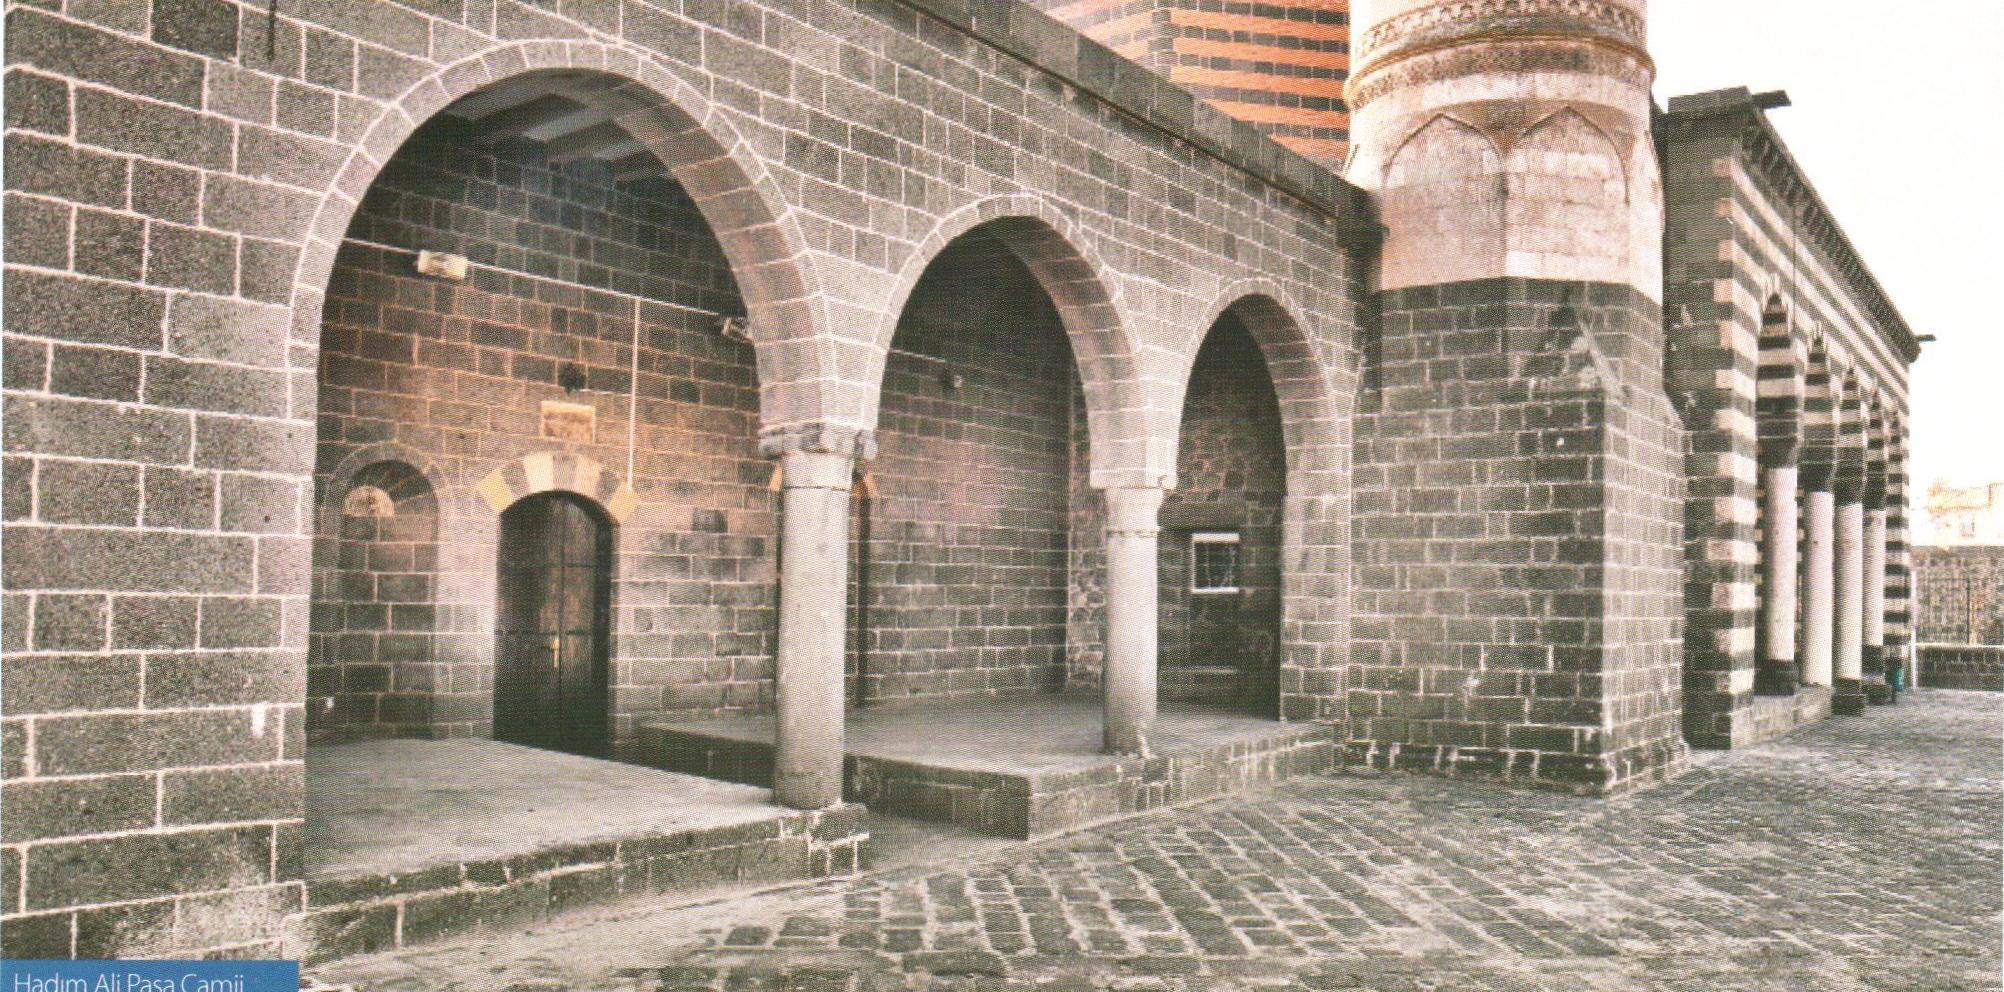 hagia sophia architekten